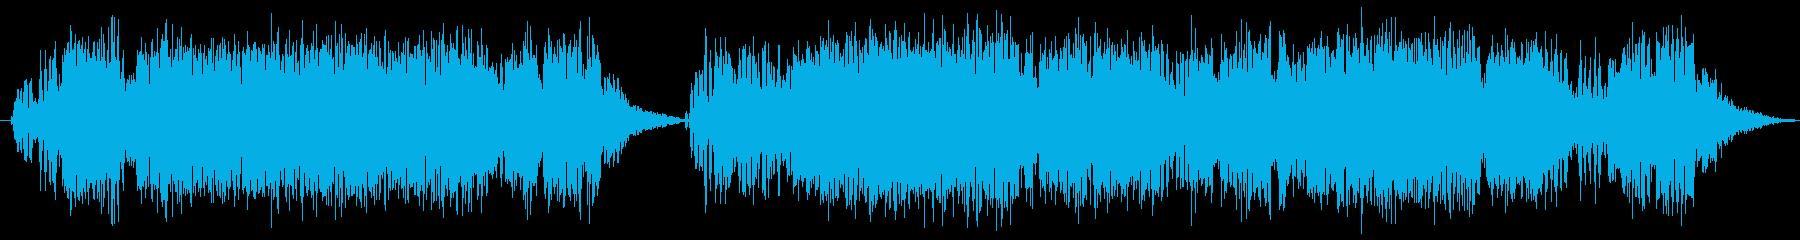 ビリビリ!電気 電磁波 パルス 火花2bの再生済みの波形